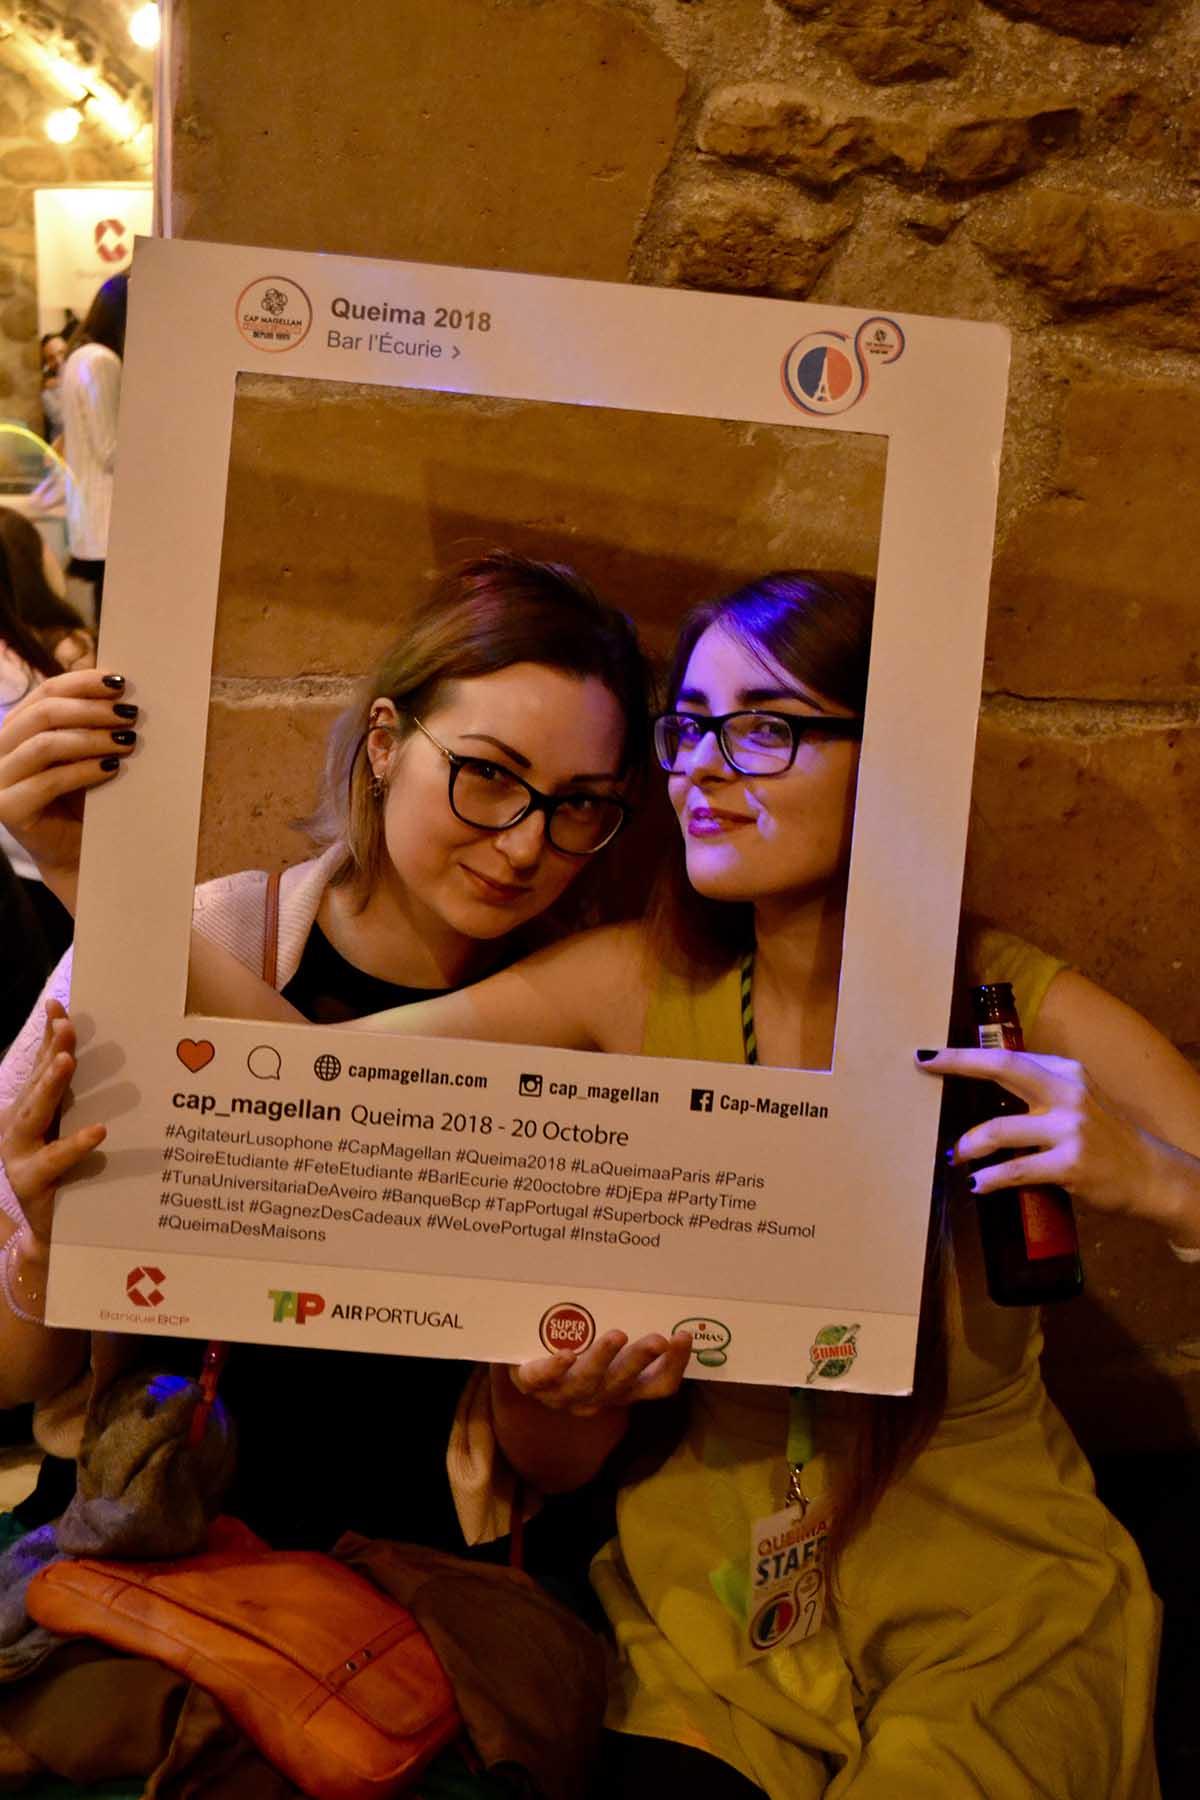 QUEIMA18-PhotosLurdesAbreu-02-cadre insta (11)